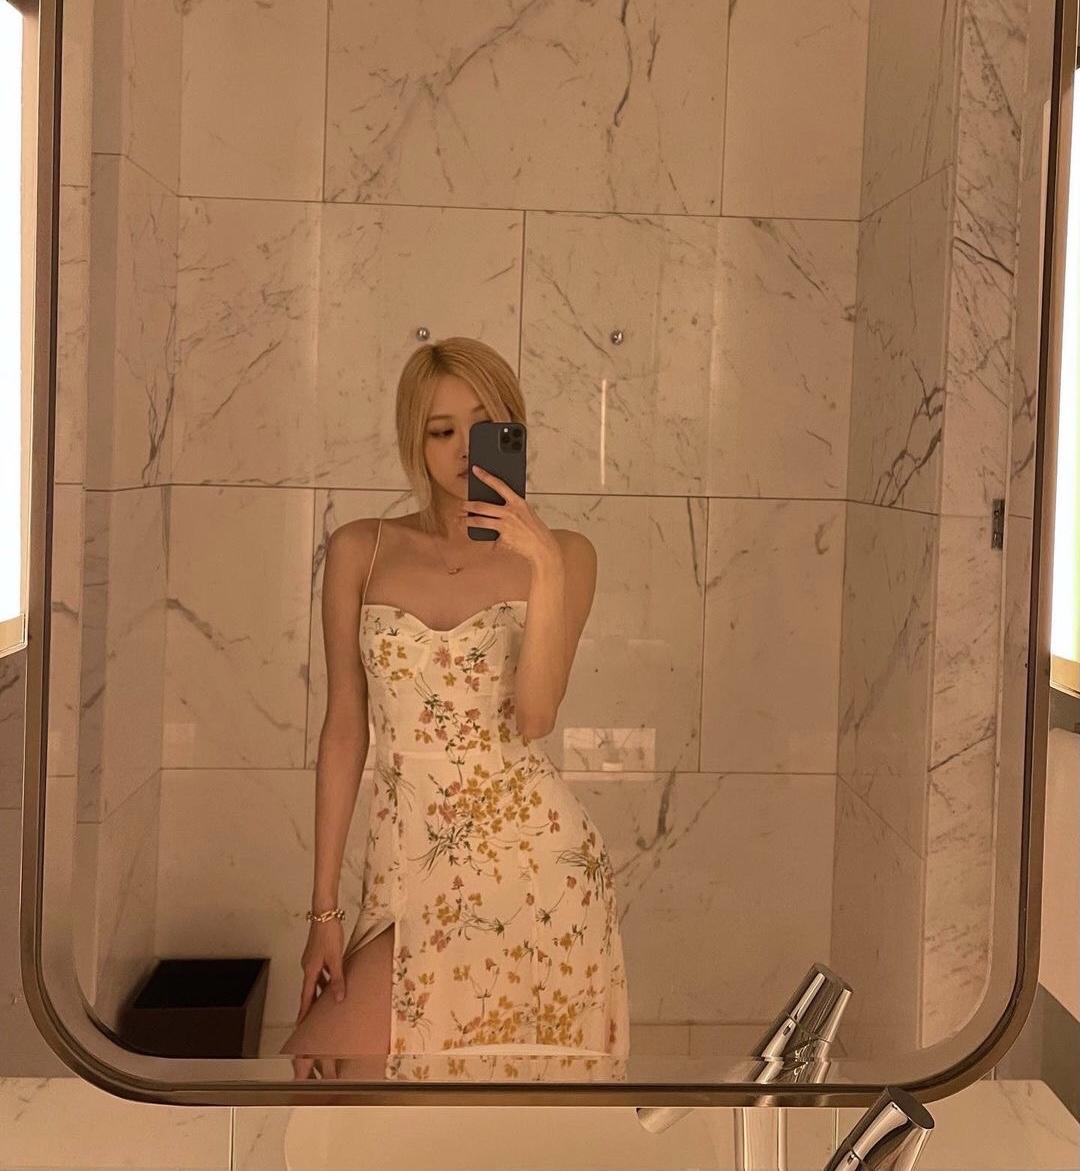 Rosé Black pink ở khách sạn mấy trăm triệu một đêm